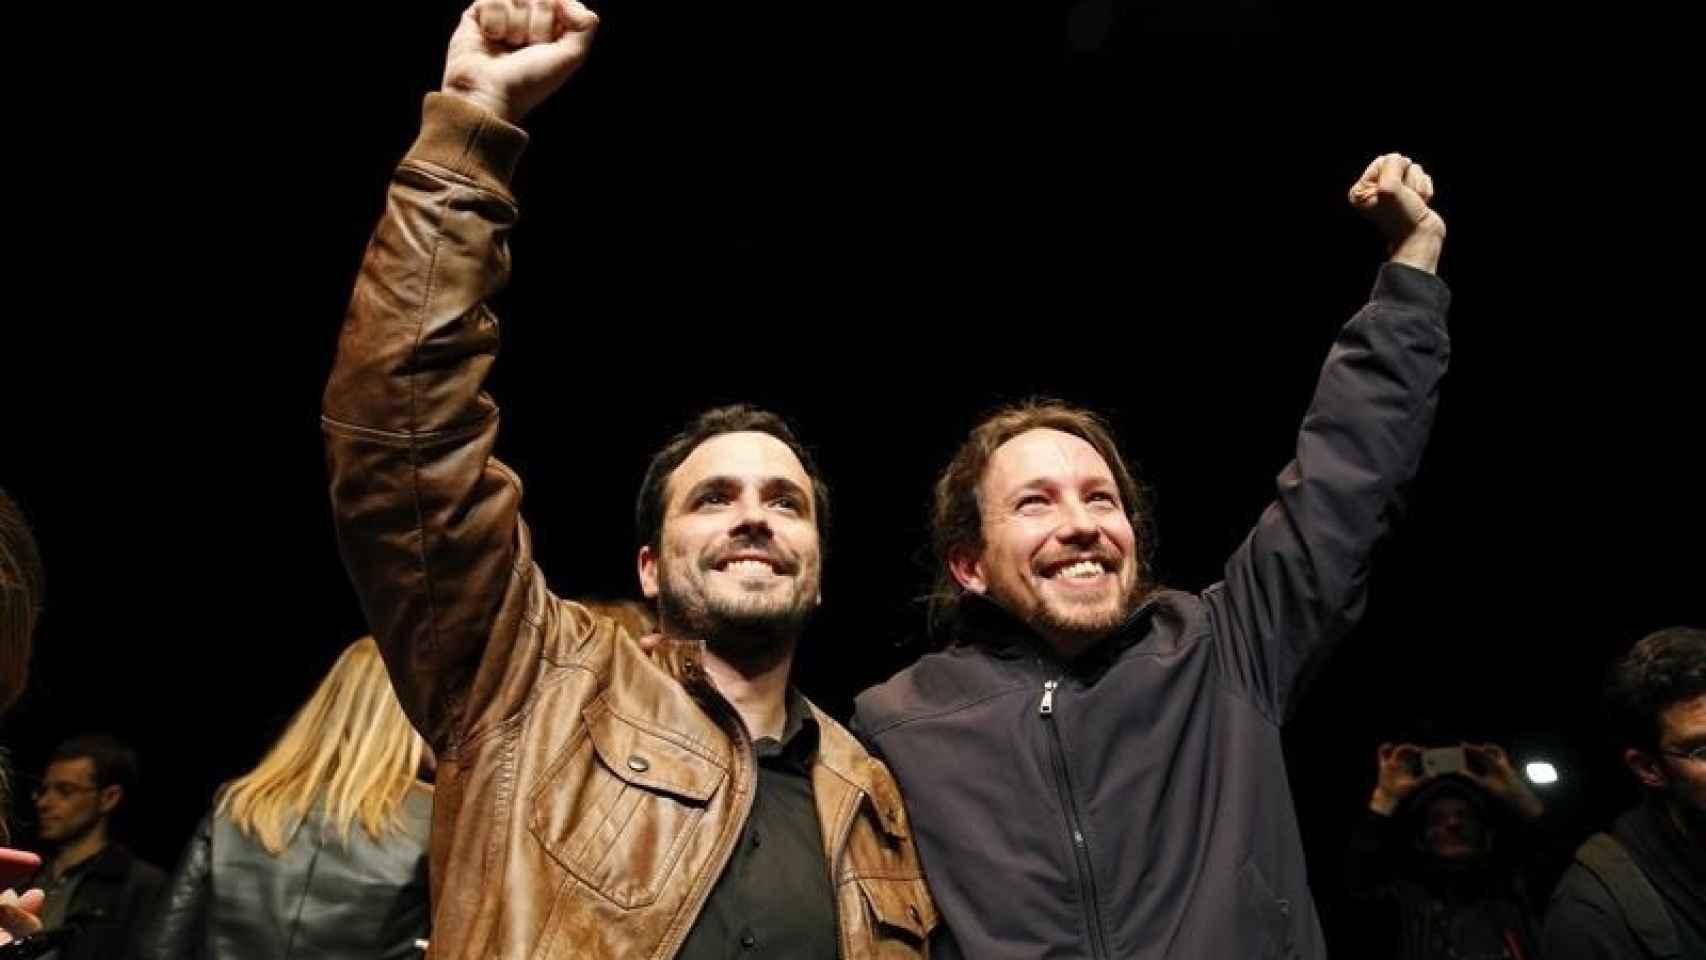 Los líderes de Podemos, Pablo Iglesias, y de Izquierda Unida, Alberto Garzón/Ballesteros/EFE